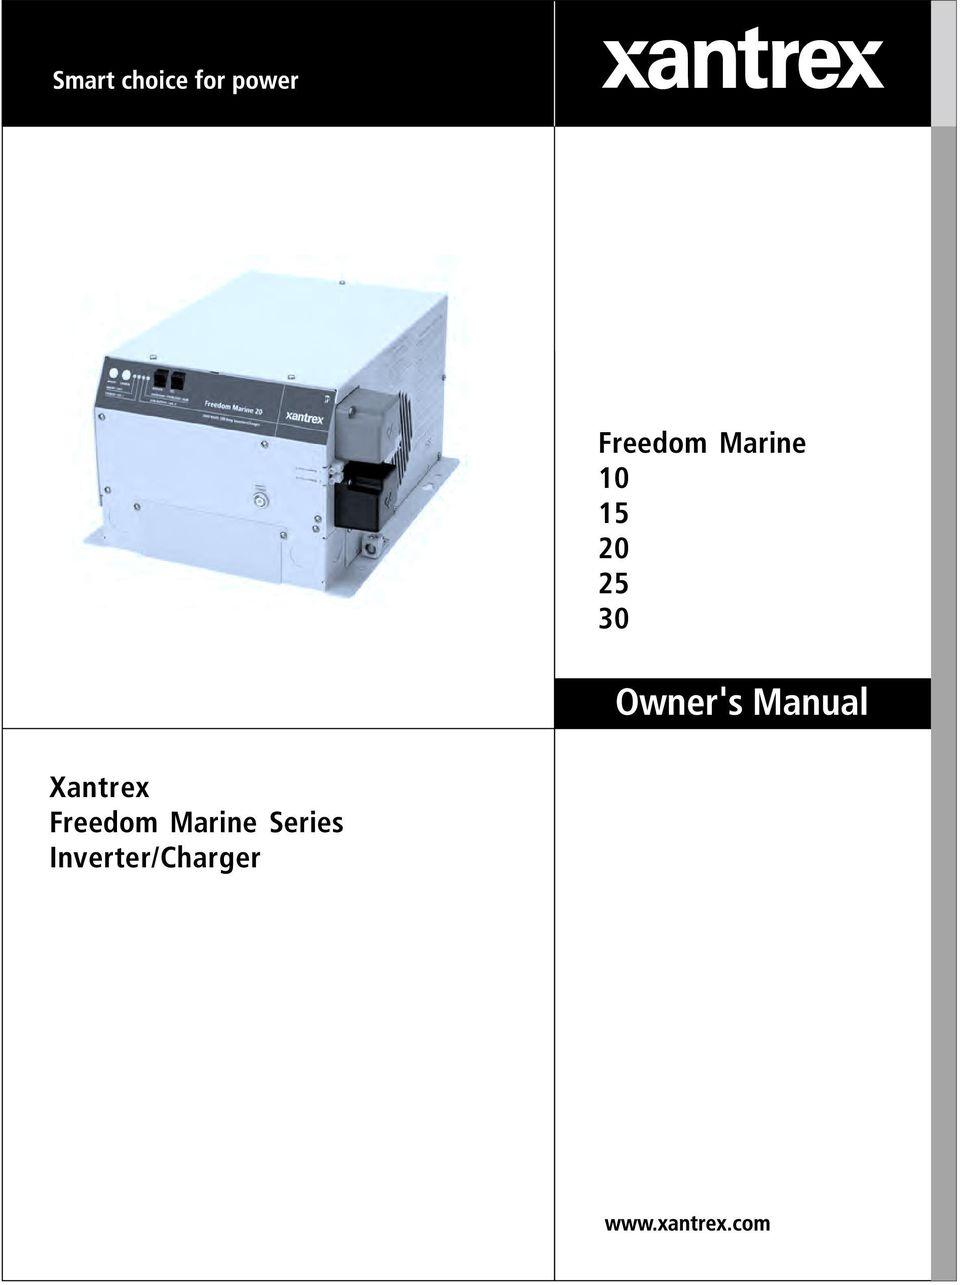 medium resolution of freedom 10 inverter wiring diagram expert wiring diagram u2022 rh heathersmith co grid tie power inverter